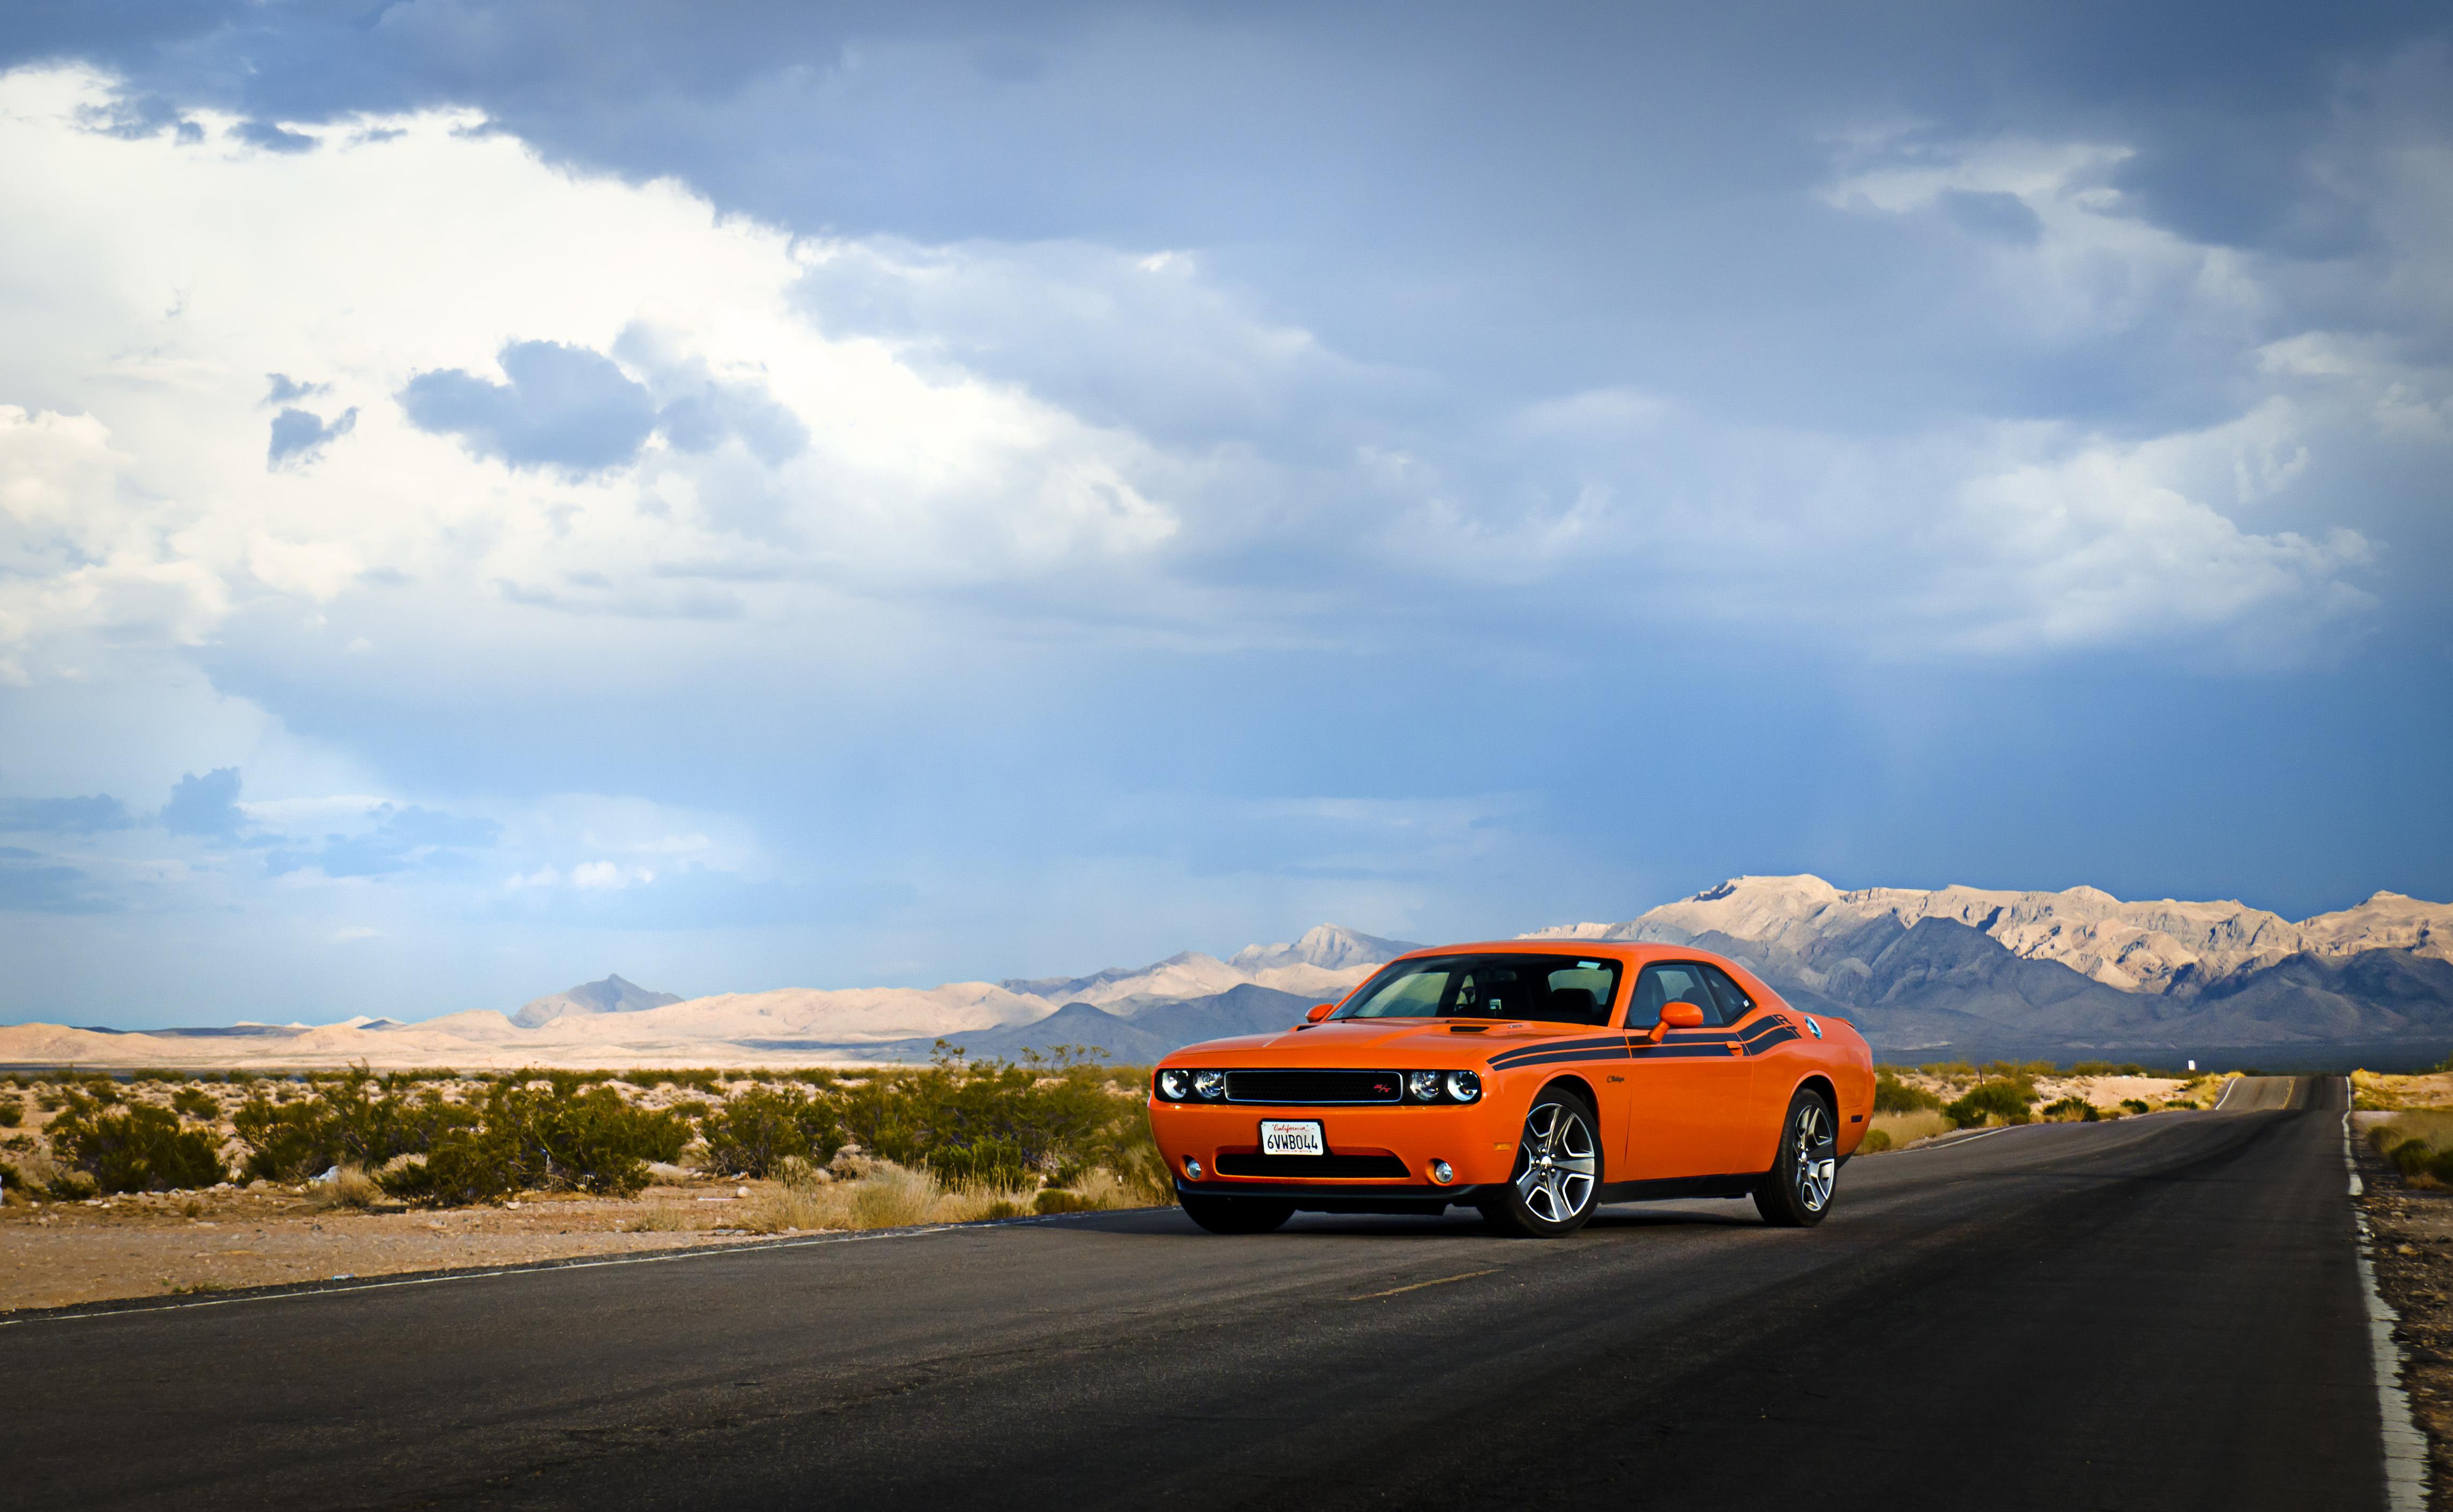 66970 скачать обои Тачки (Cars), Dodge, Challenger, Машины, Вид Сбоку, Дорога, Небо - заставки и картинки бесплатно